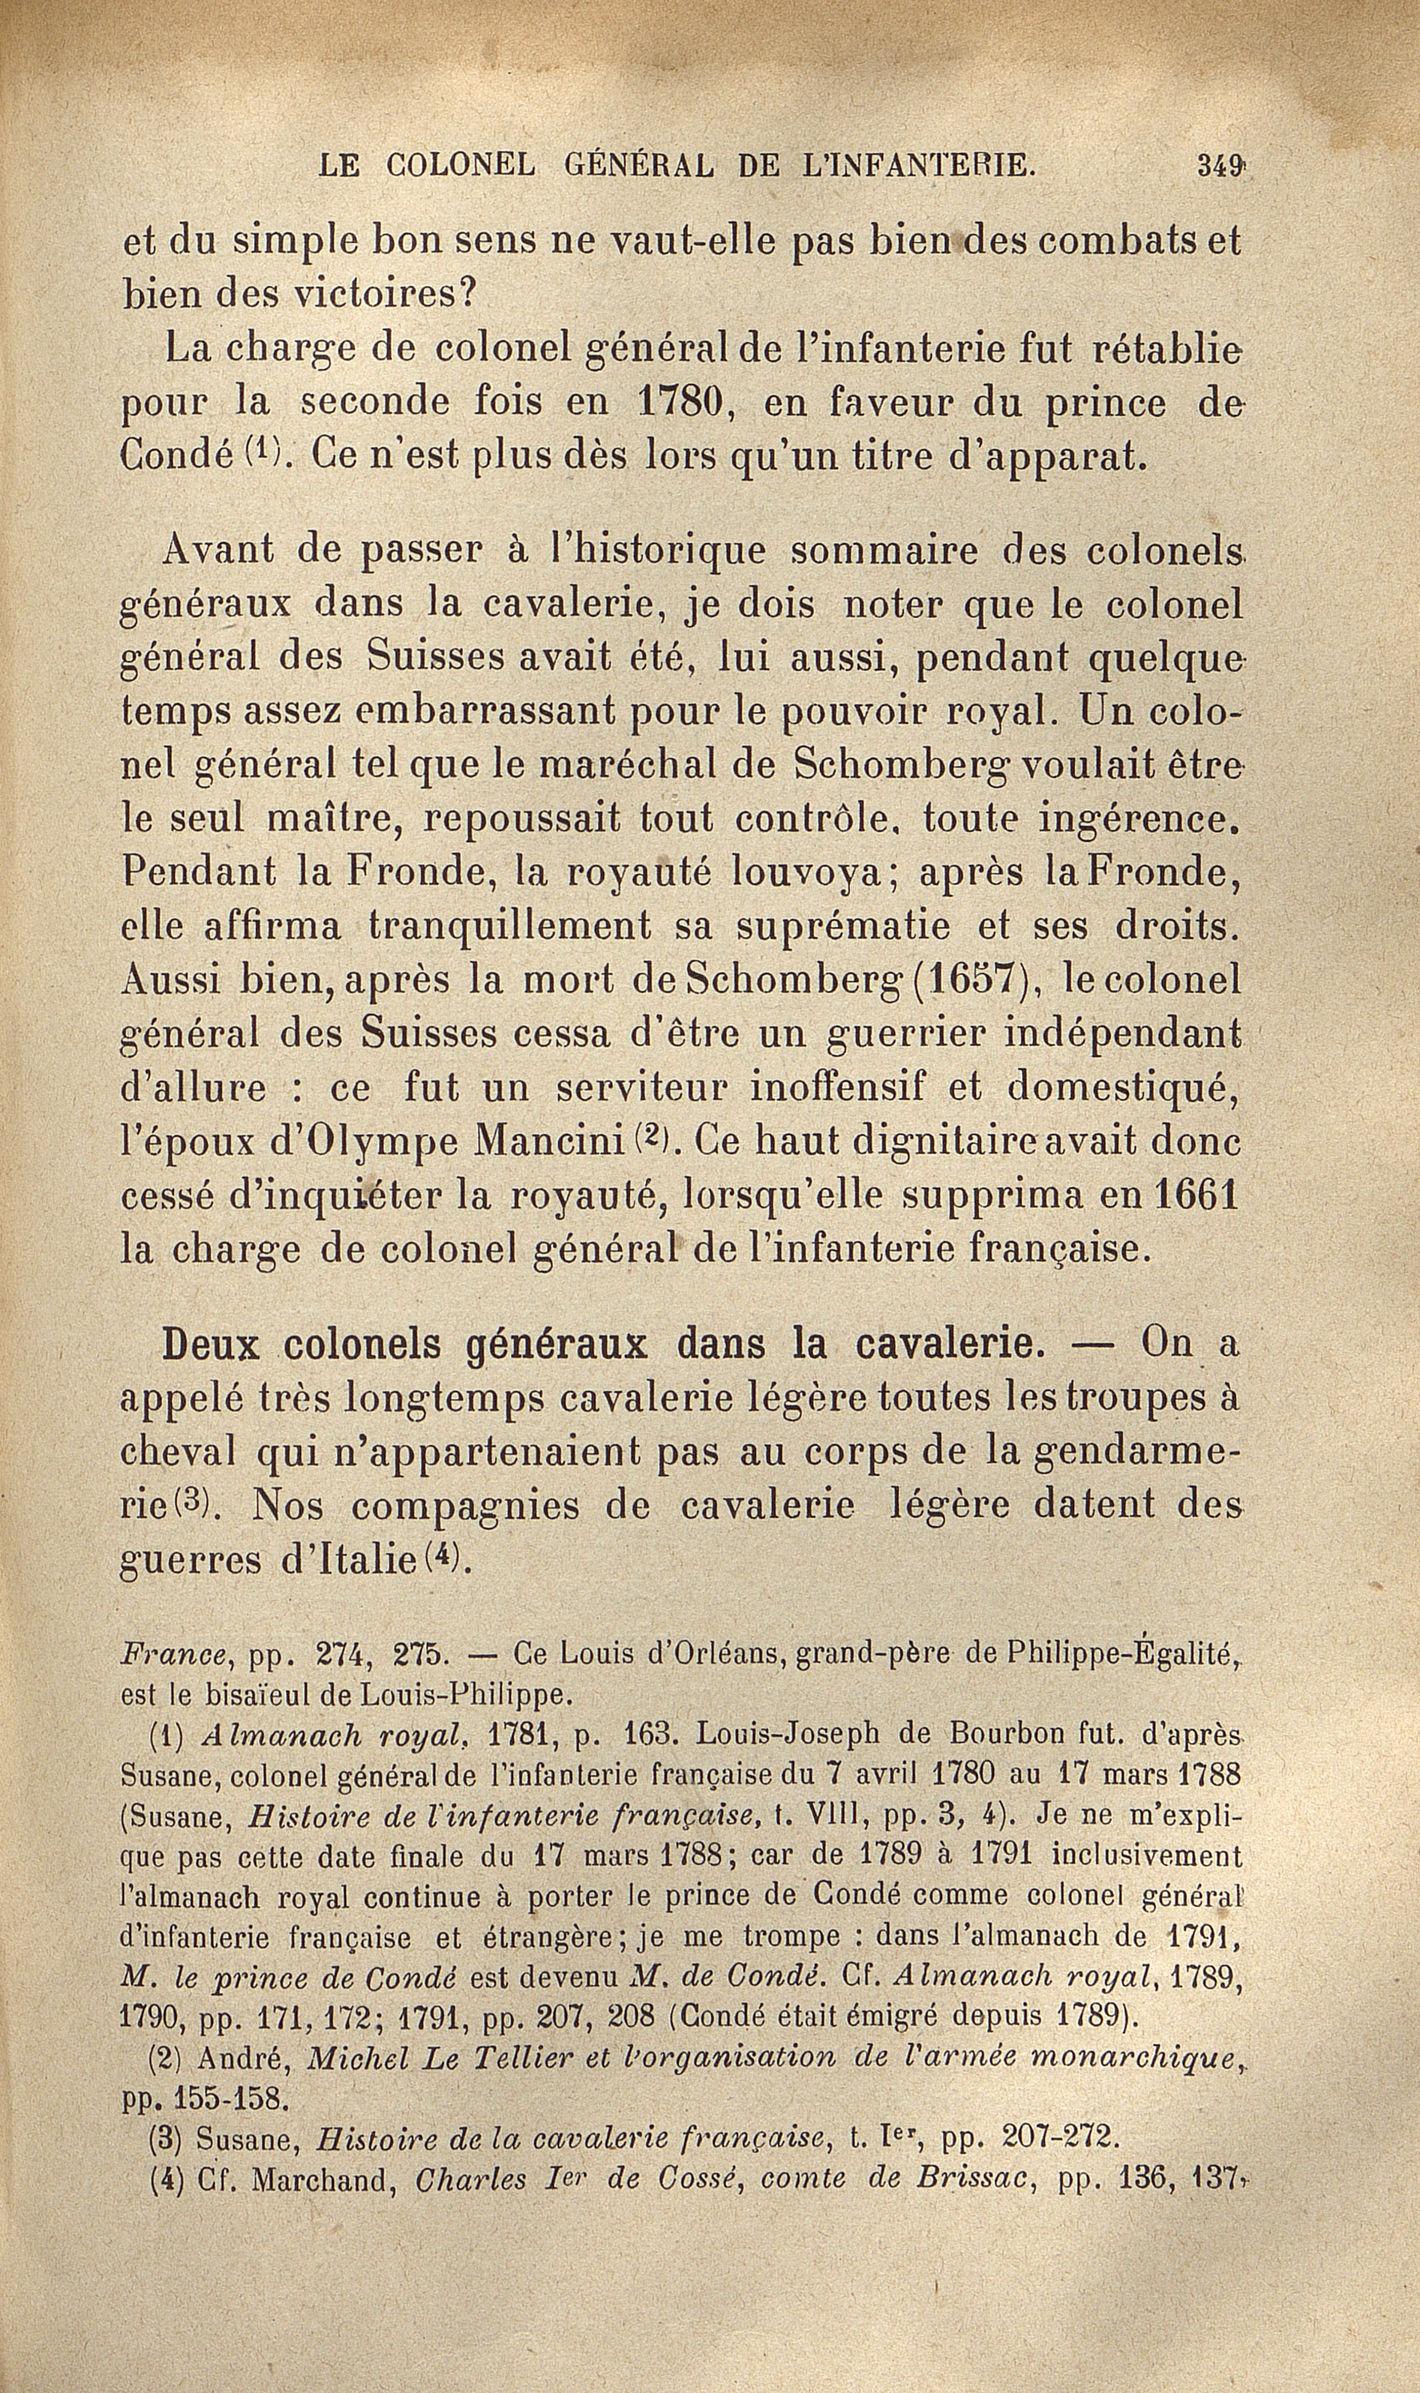 http://expo-paulviollet.univ-paris1.fr/wp-content/uploads/2016/02/0605381272_0363.jpg